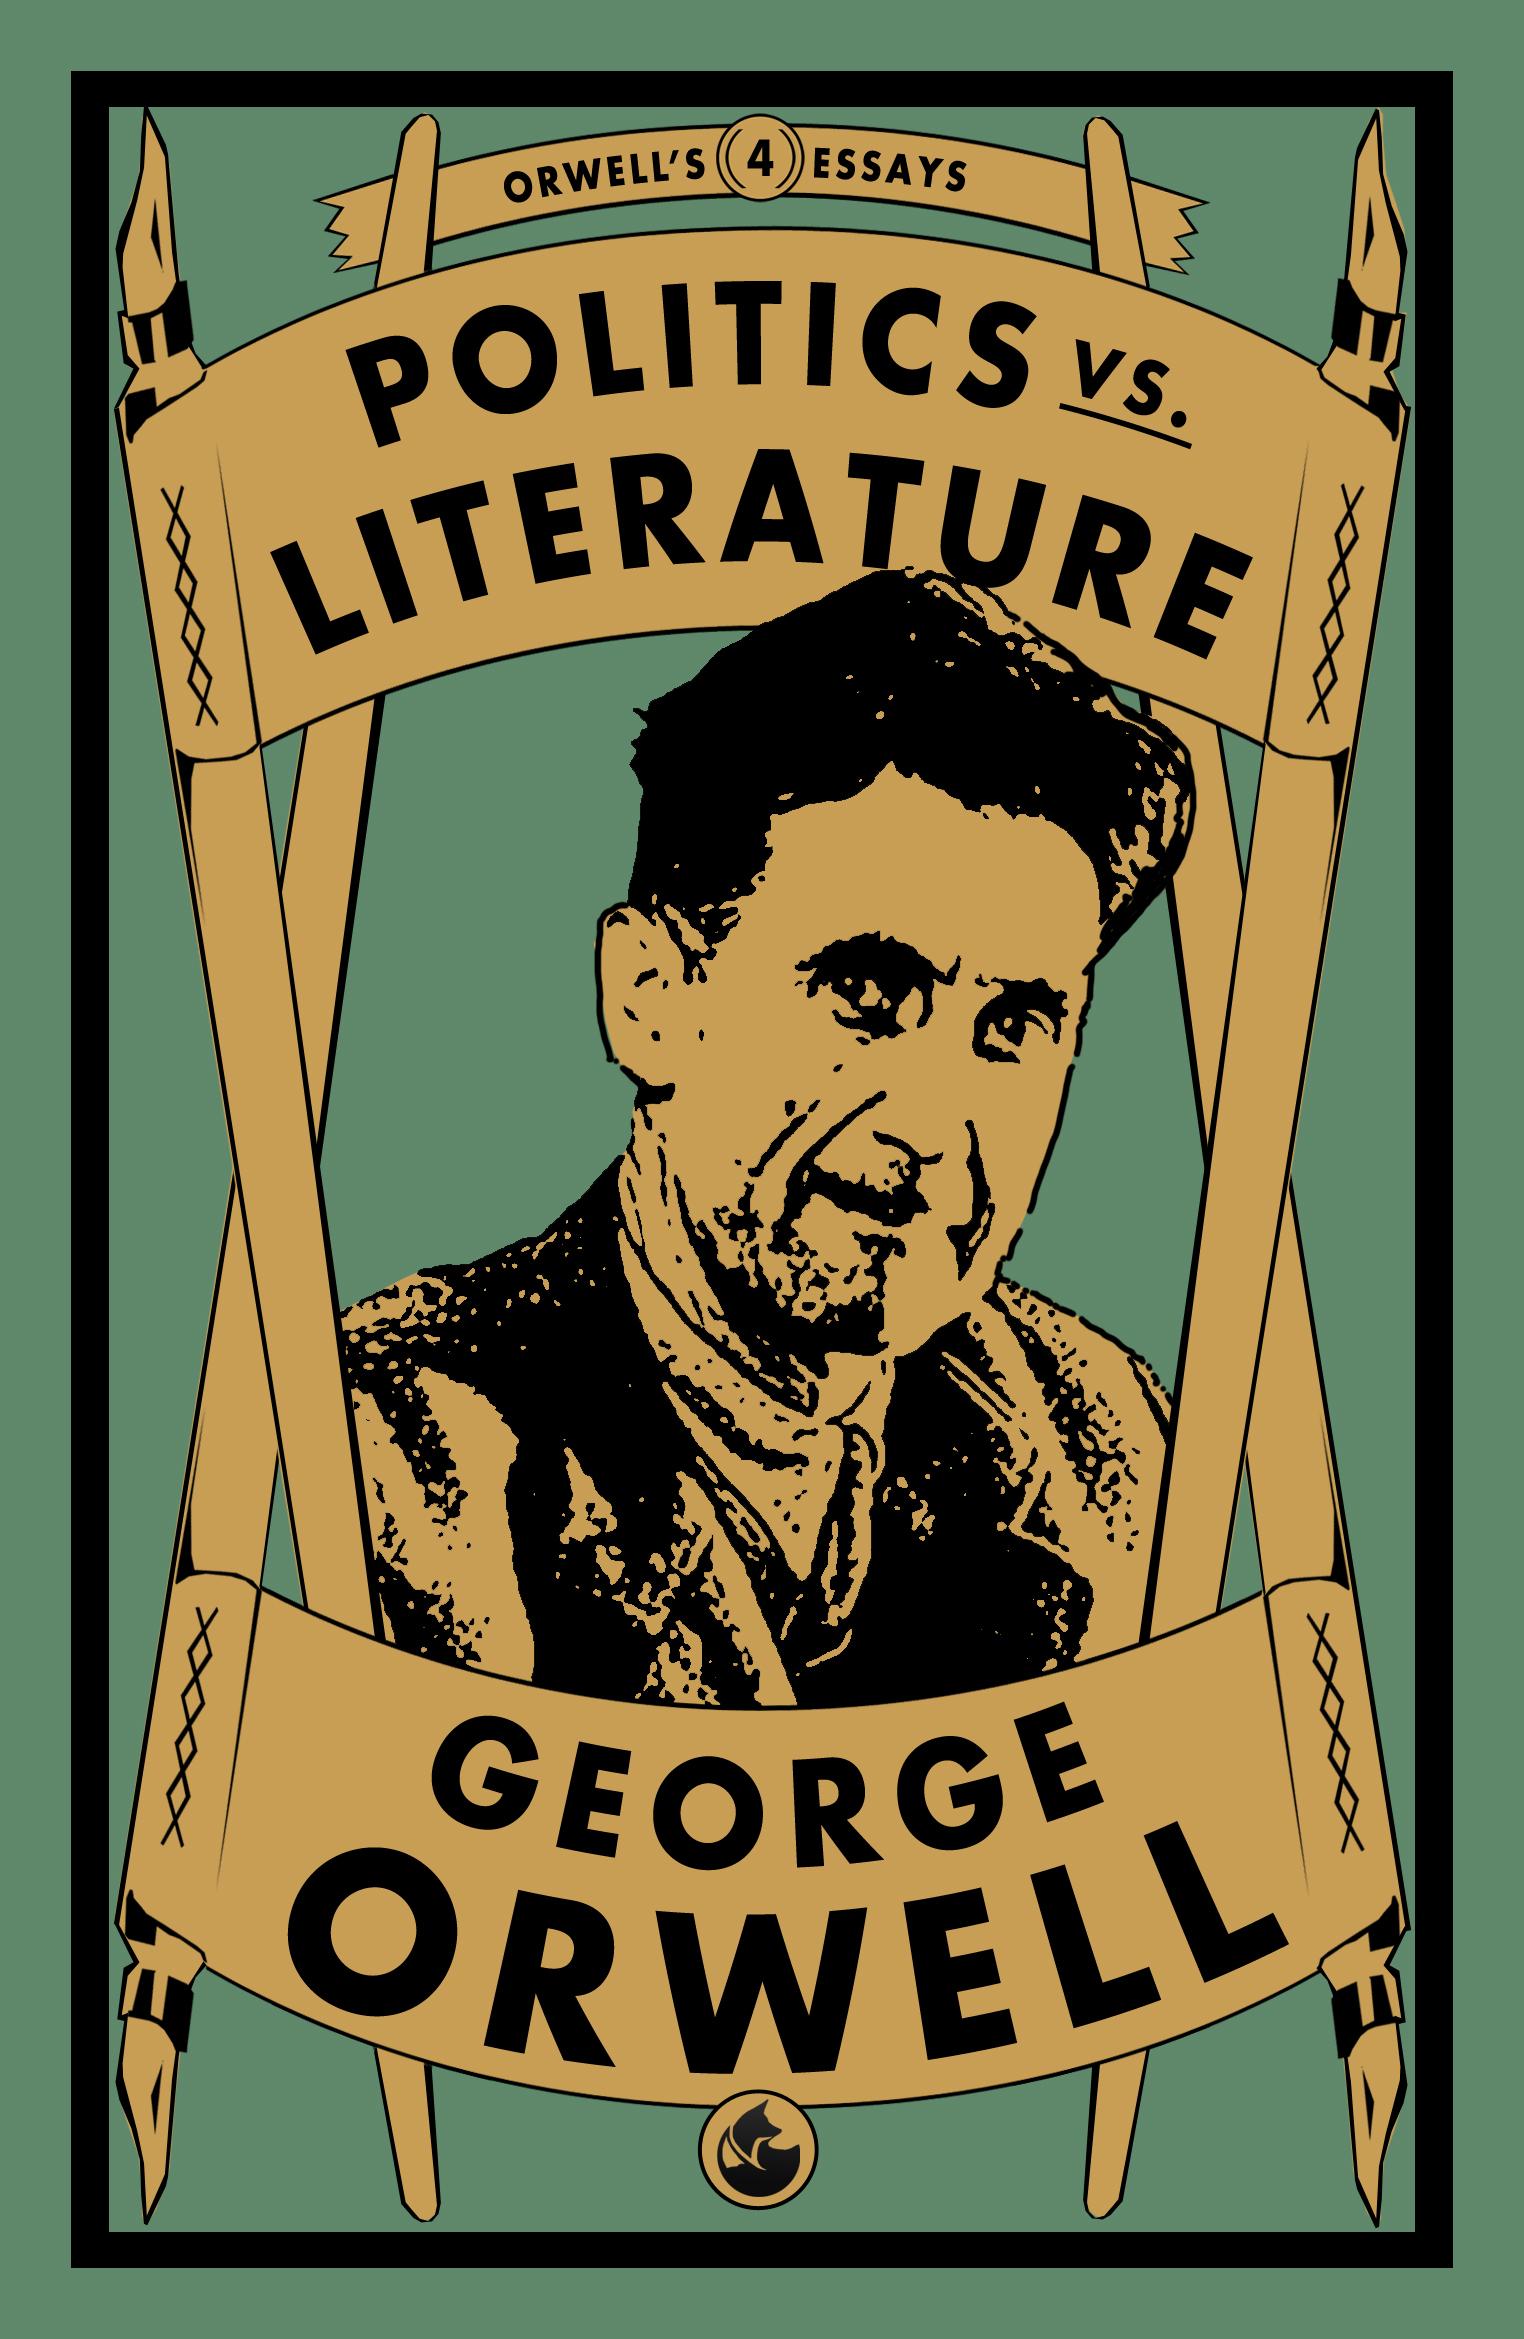 Politics vs. Literature